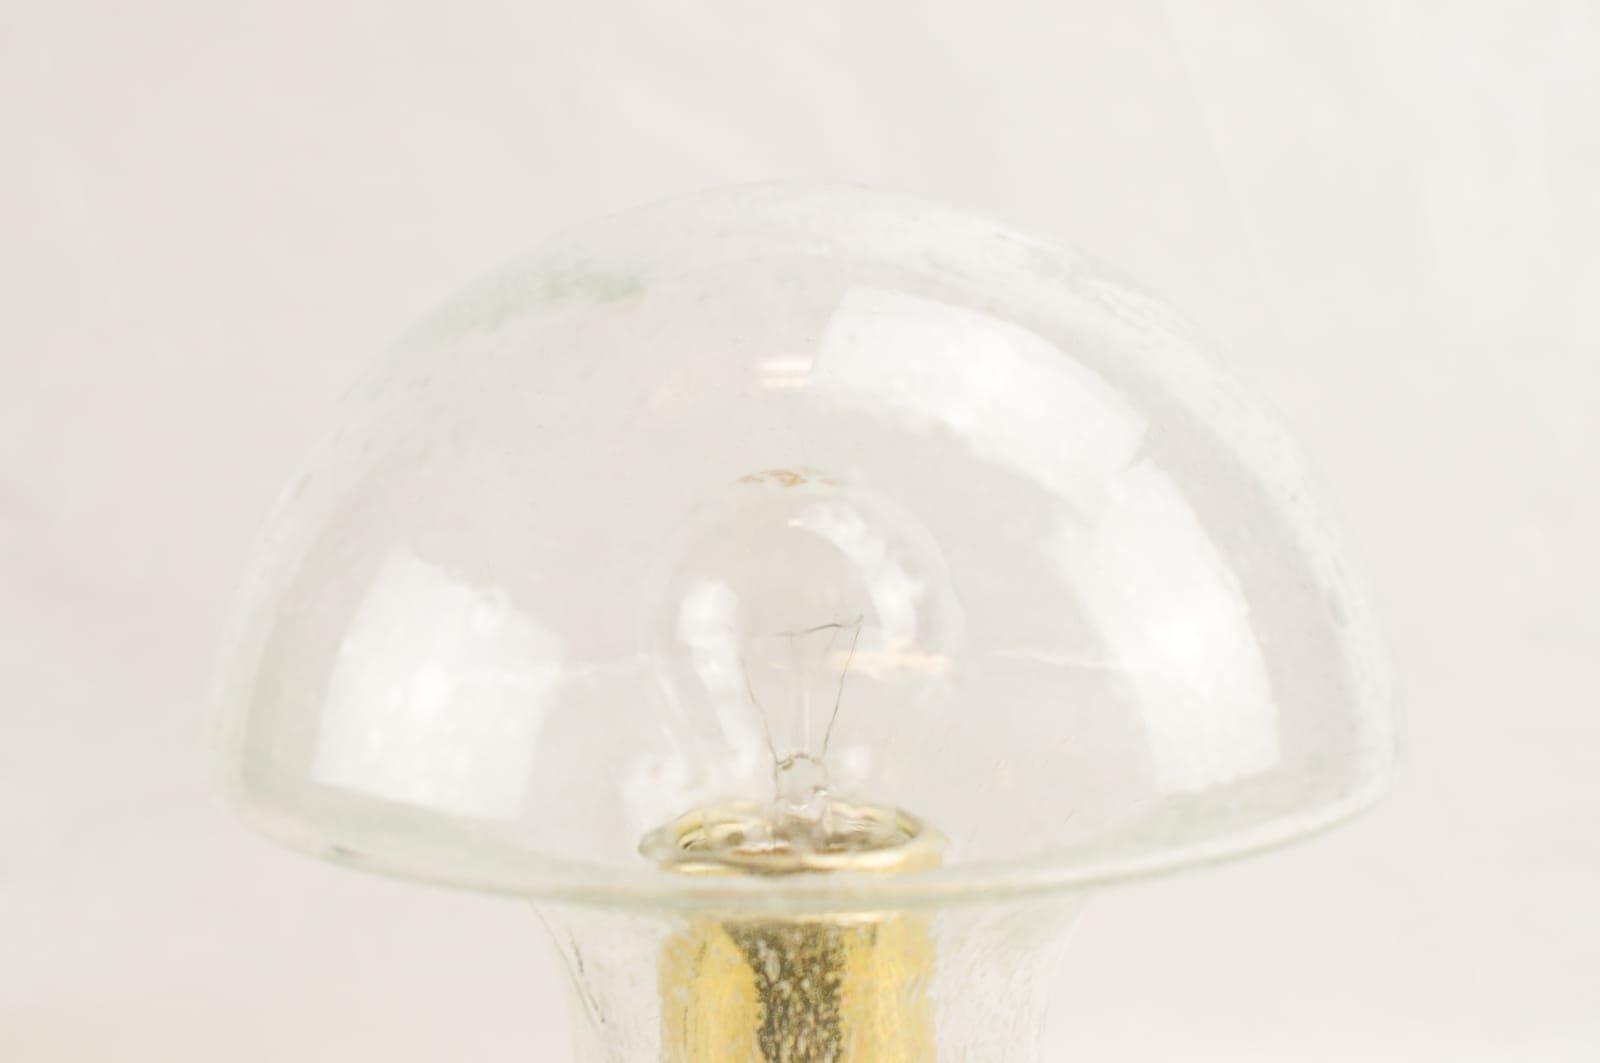 tischleuchte aus glas und messing von baum leuchten 1960er bei pamono kaufen. Black Bedroom Furniture Sets. Home Design Ideas